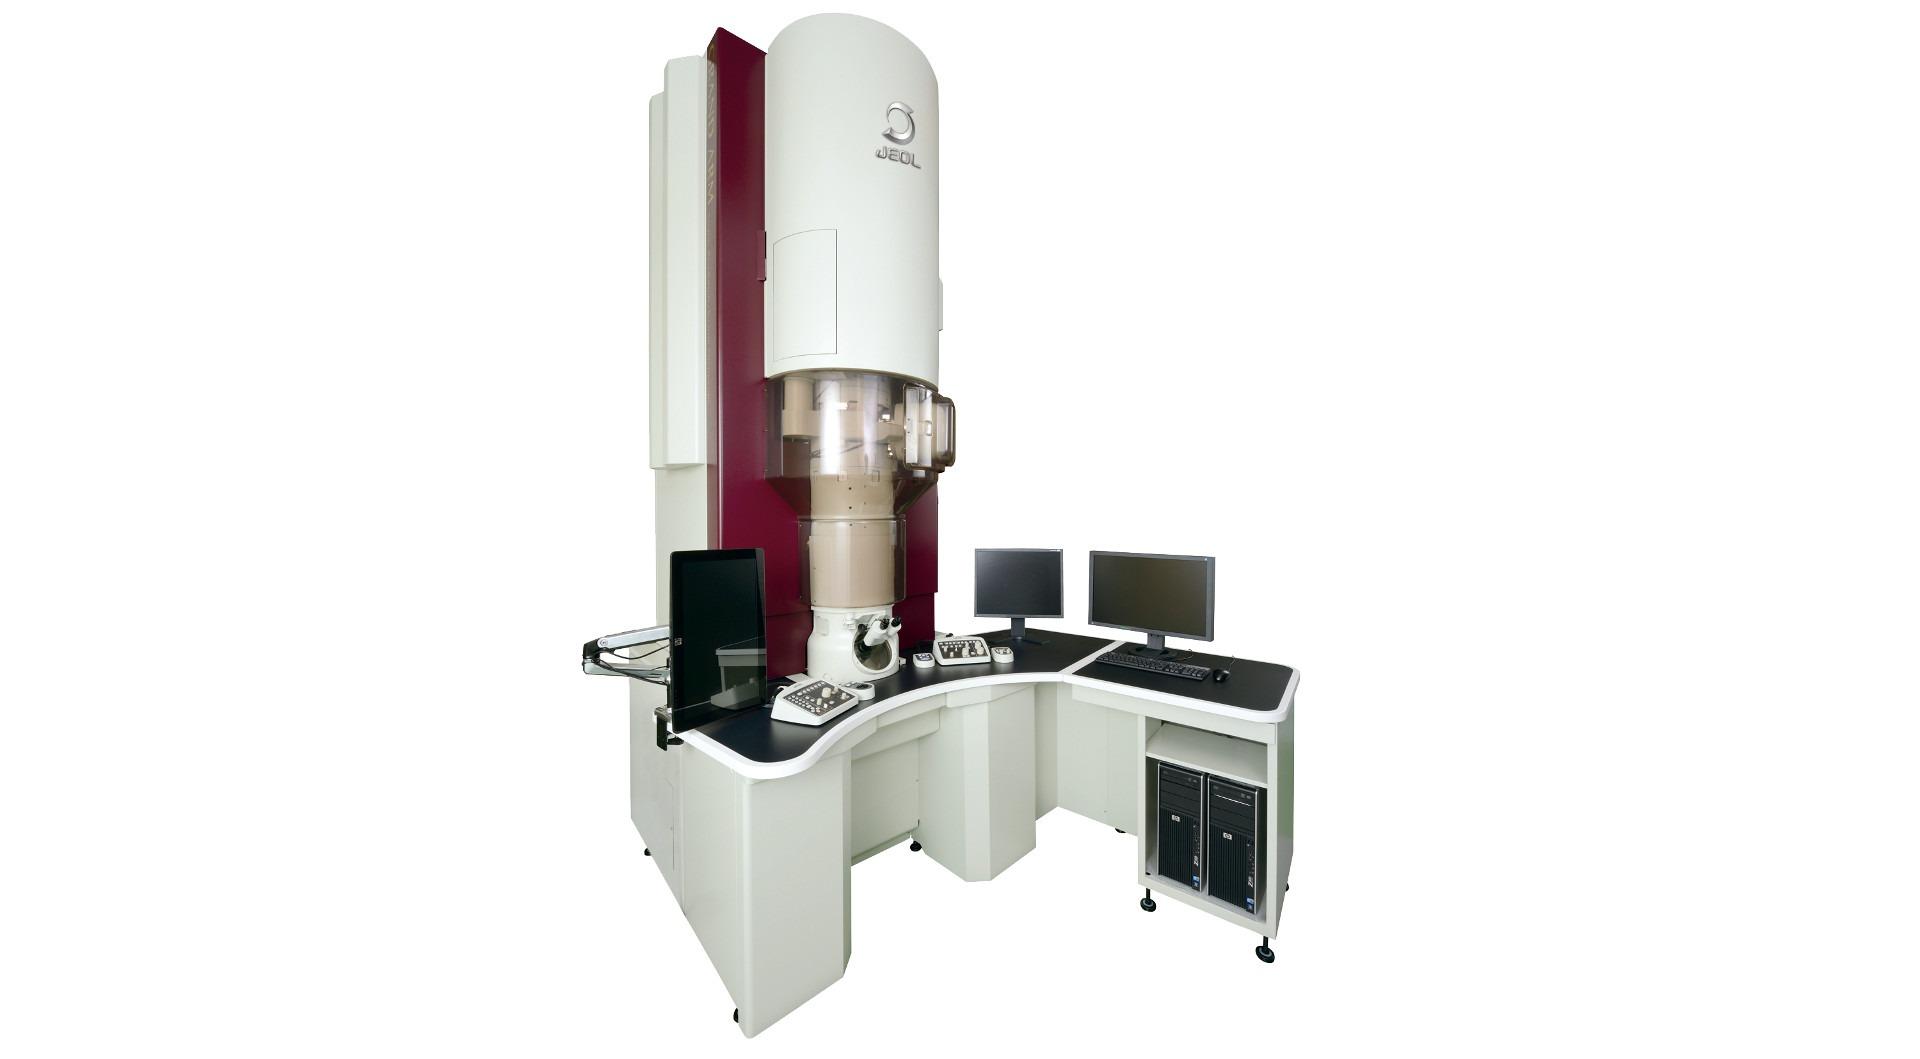 Επιστημονικά όργανα & εξοπλισμός - Μικροσκόπιο Ατομικής Δύναμης JEOL